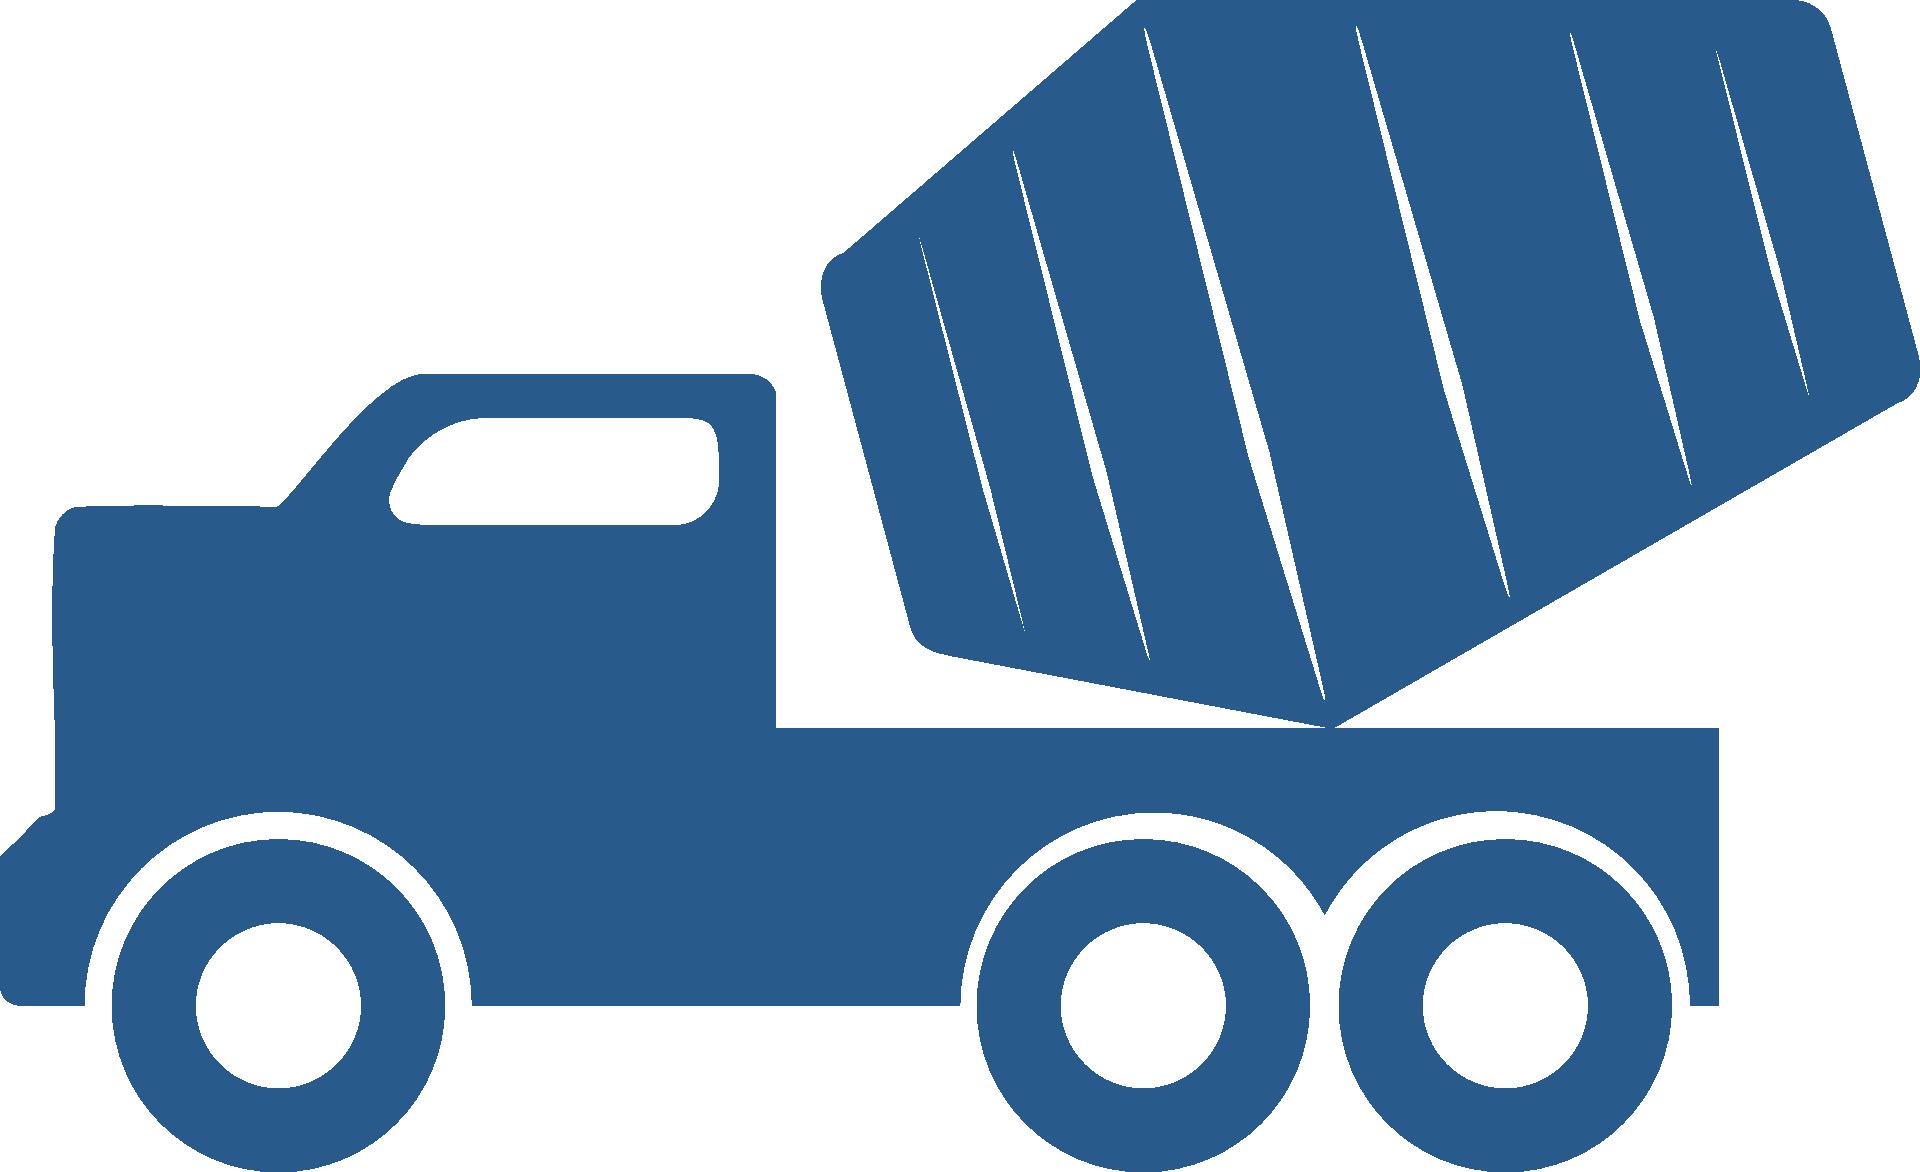 Clipart cat dump truck. Mack at getdrawings com